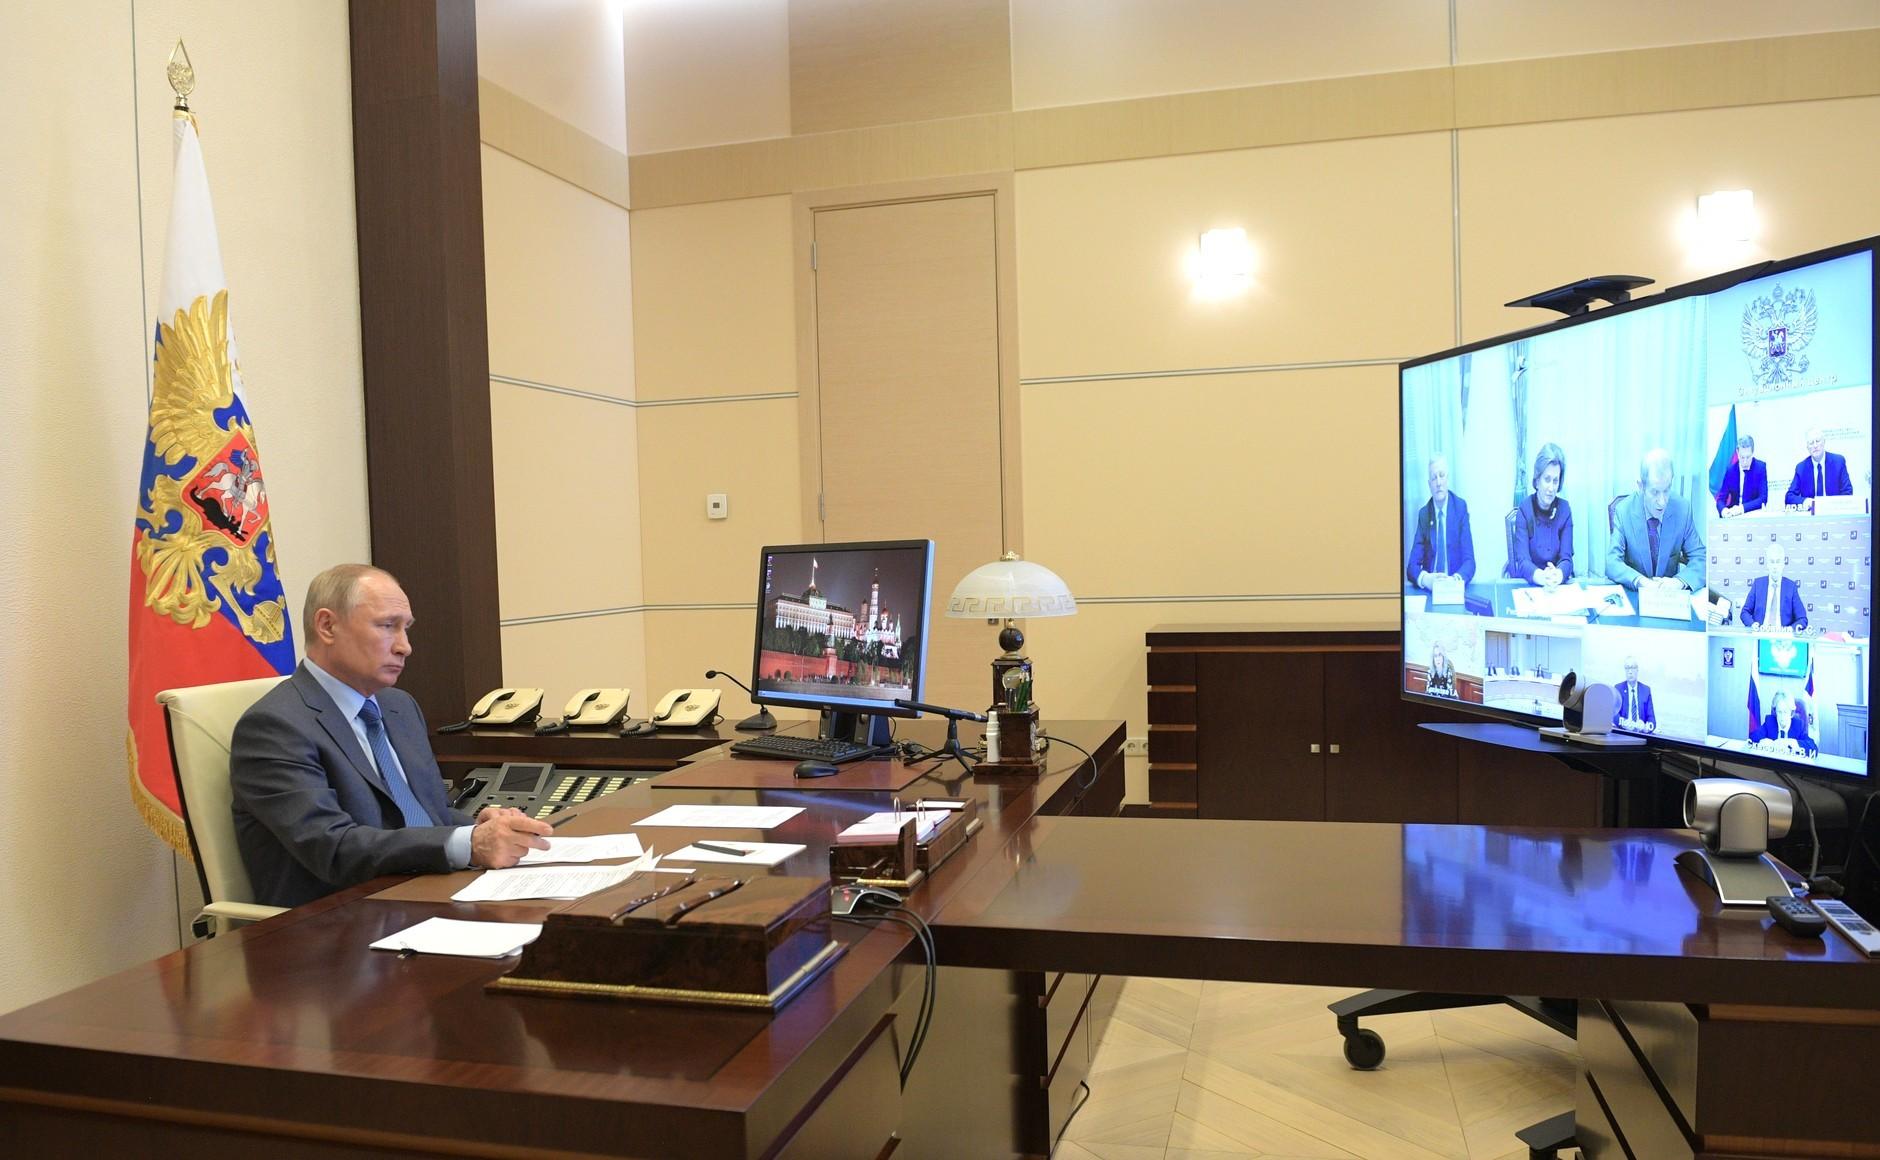 Владимир Путин на састанку посвећеном санитарно епидемиолошкој ситуацији у Русији